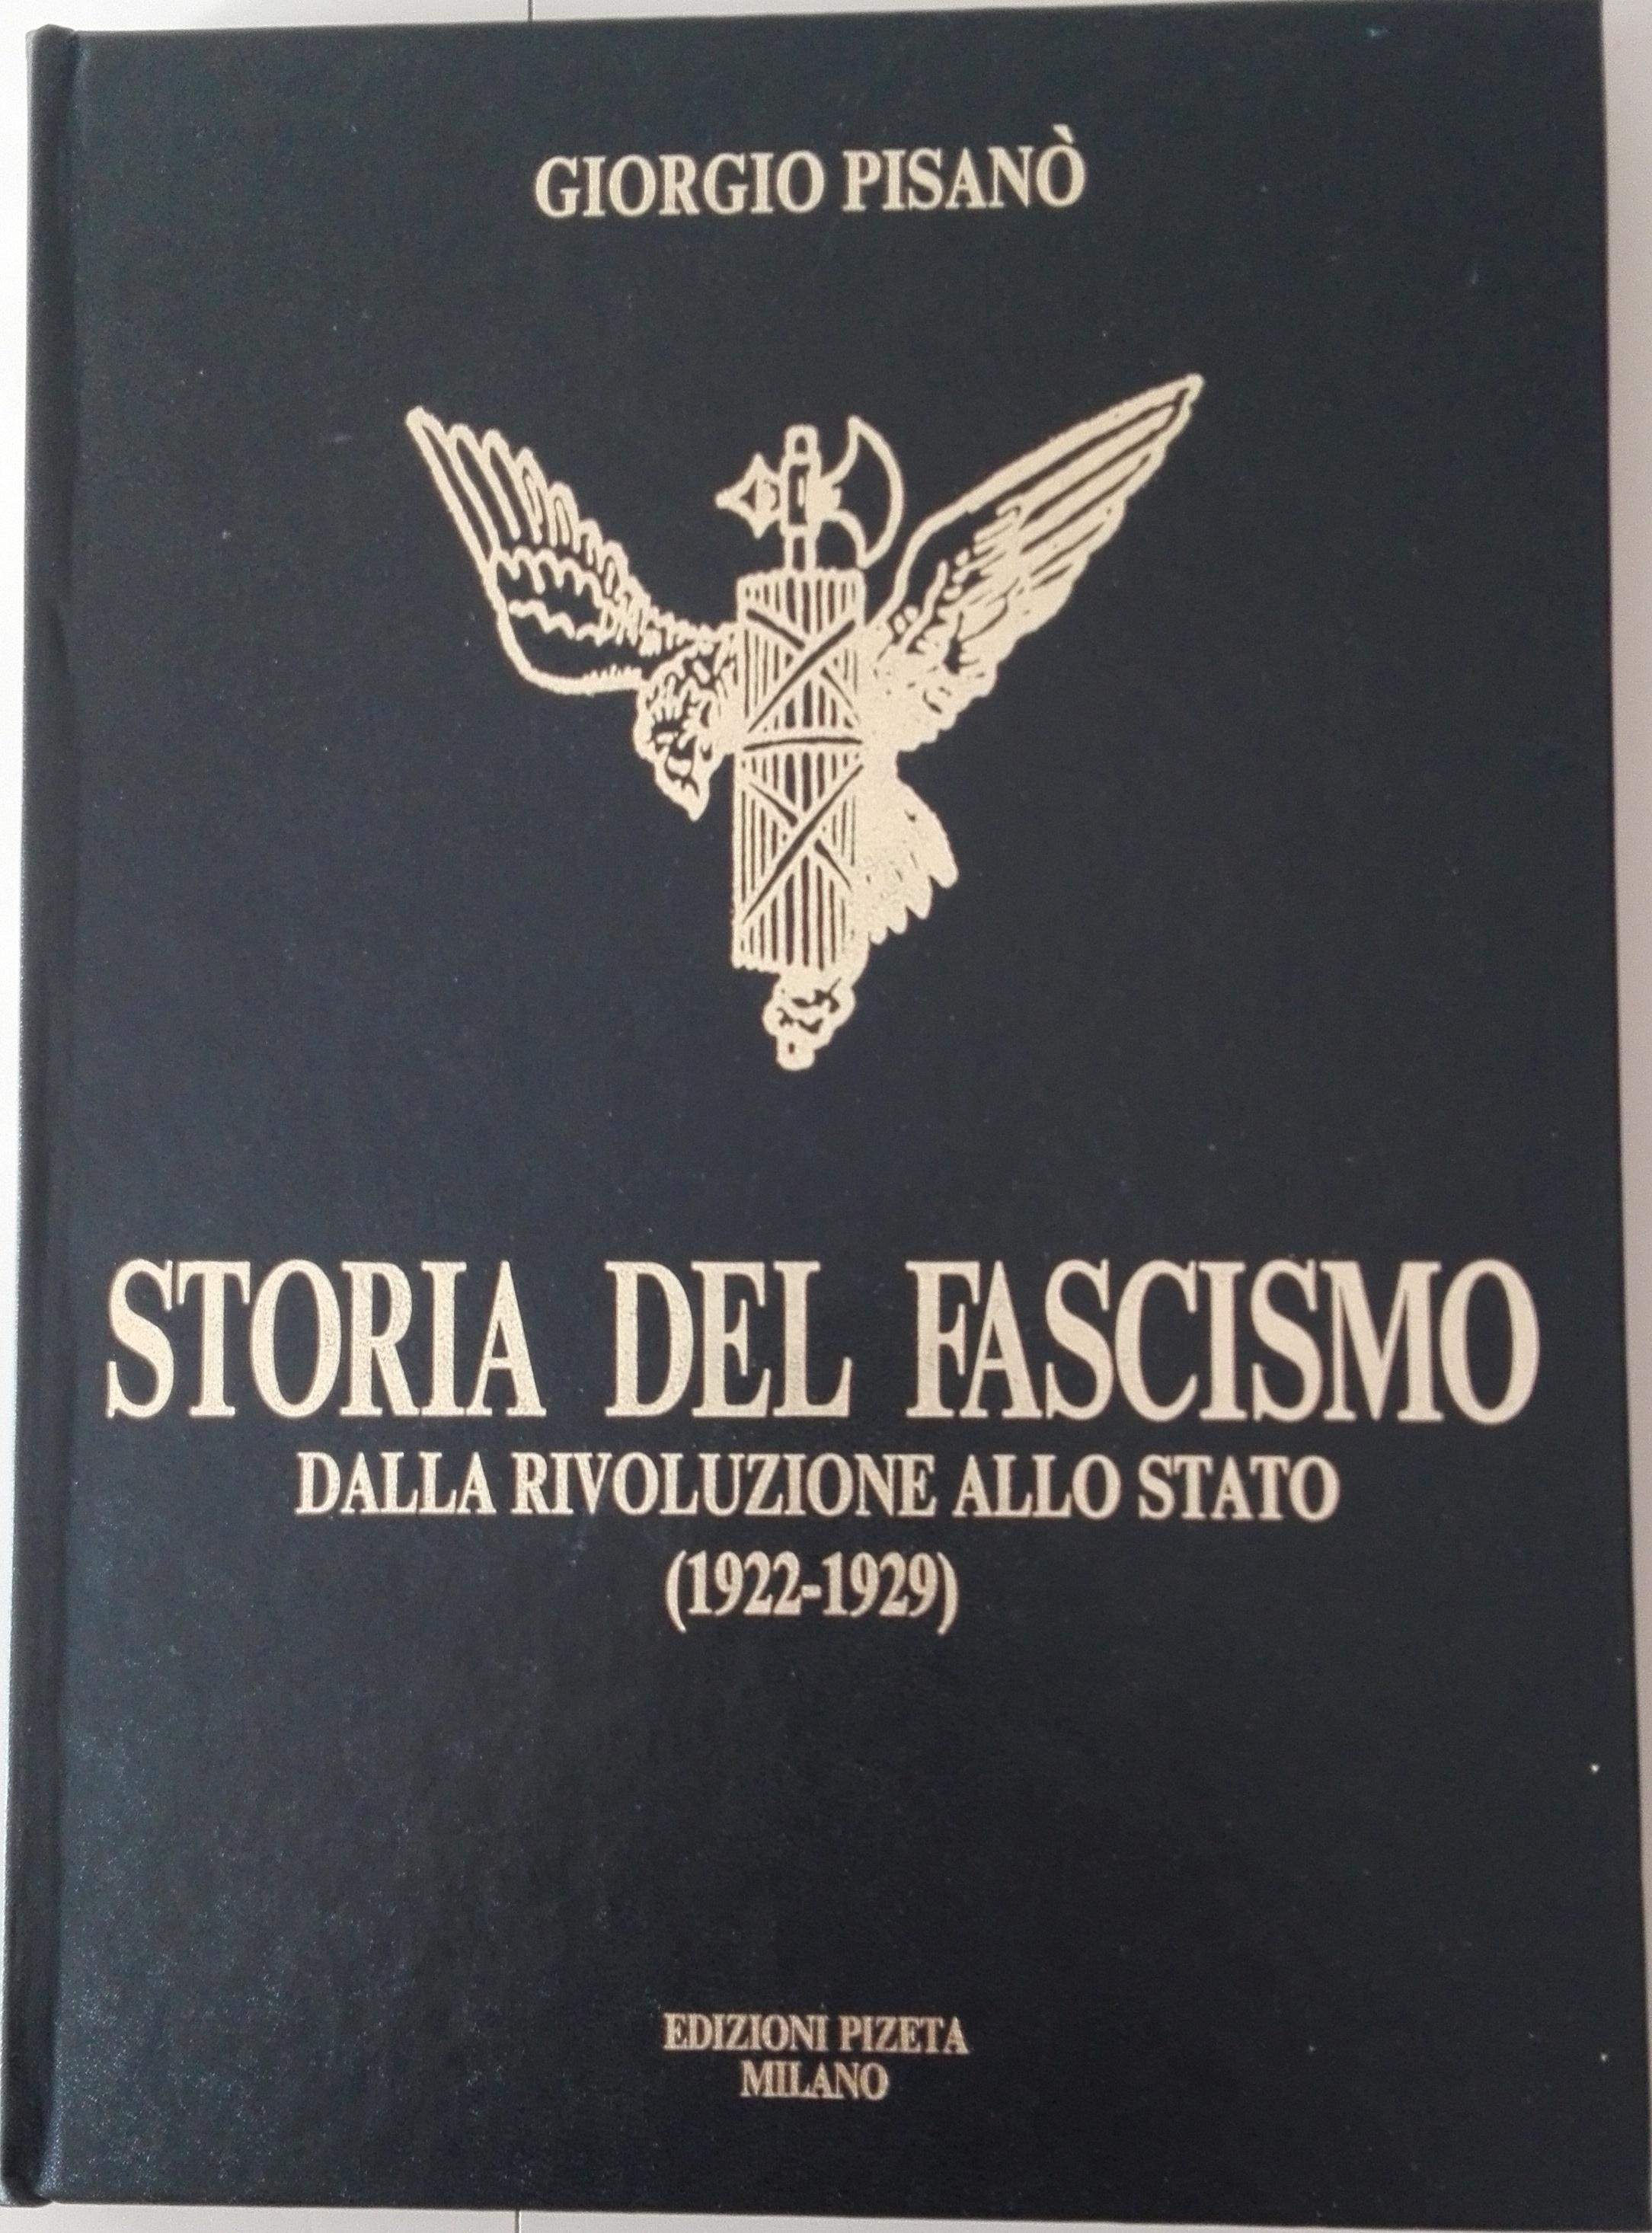 Storia del fascismo - Vol. 2